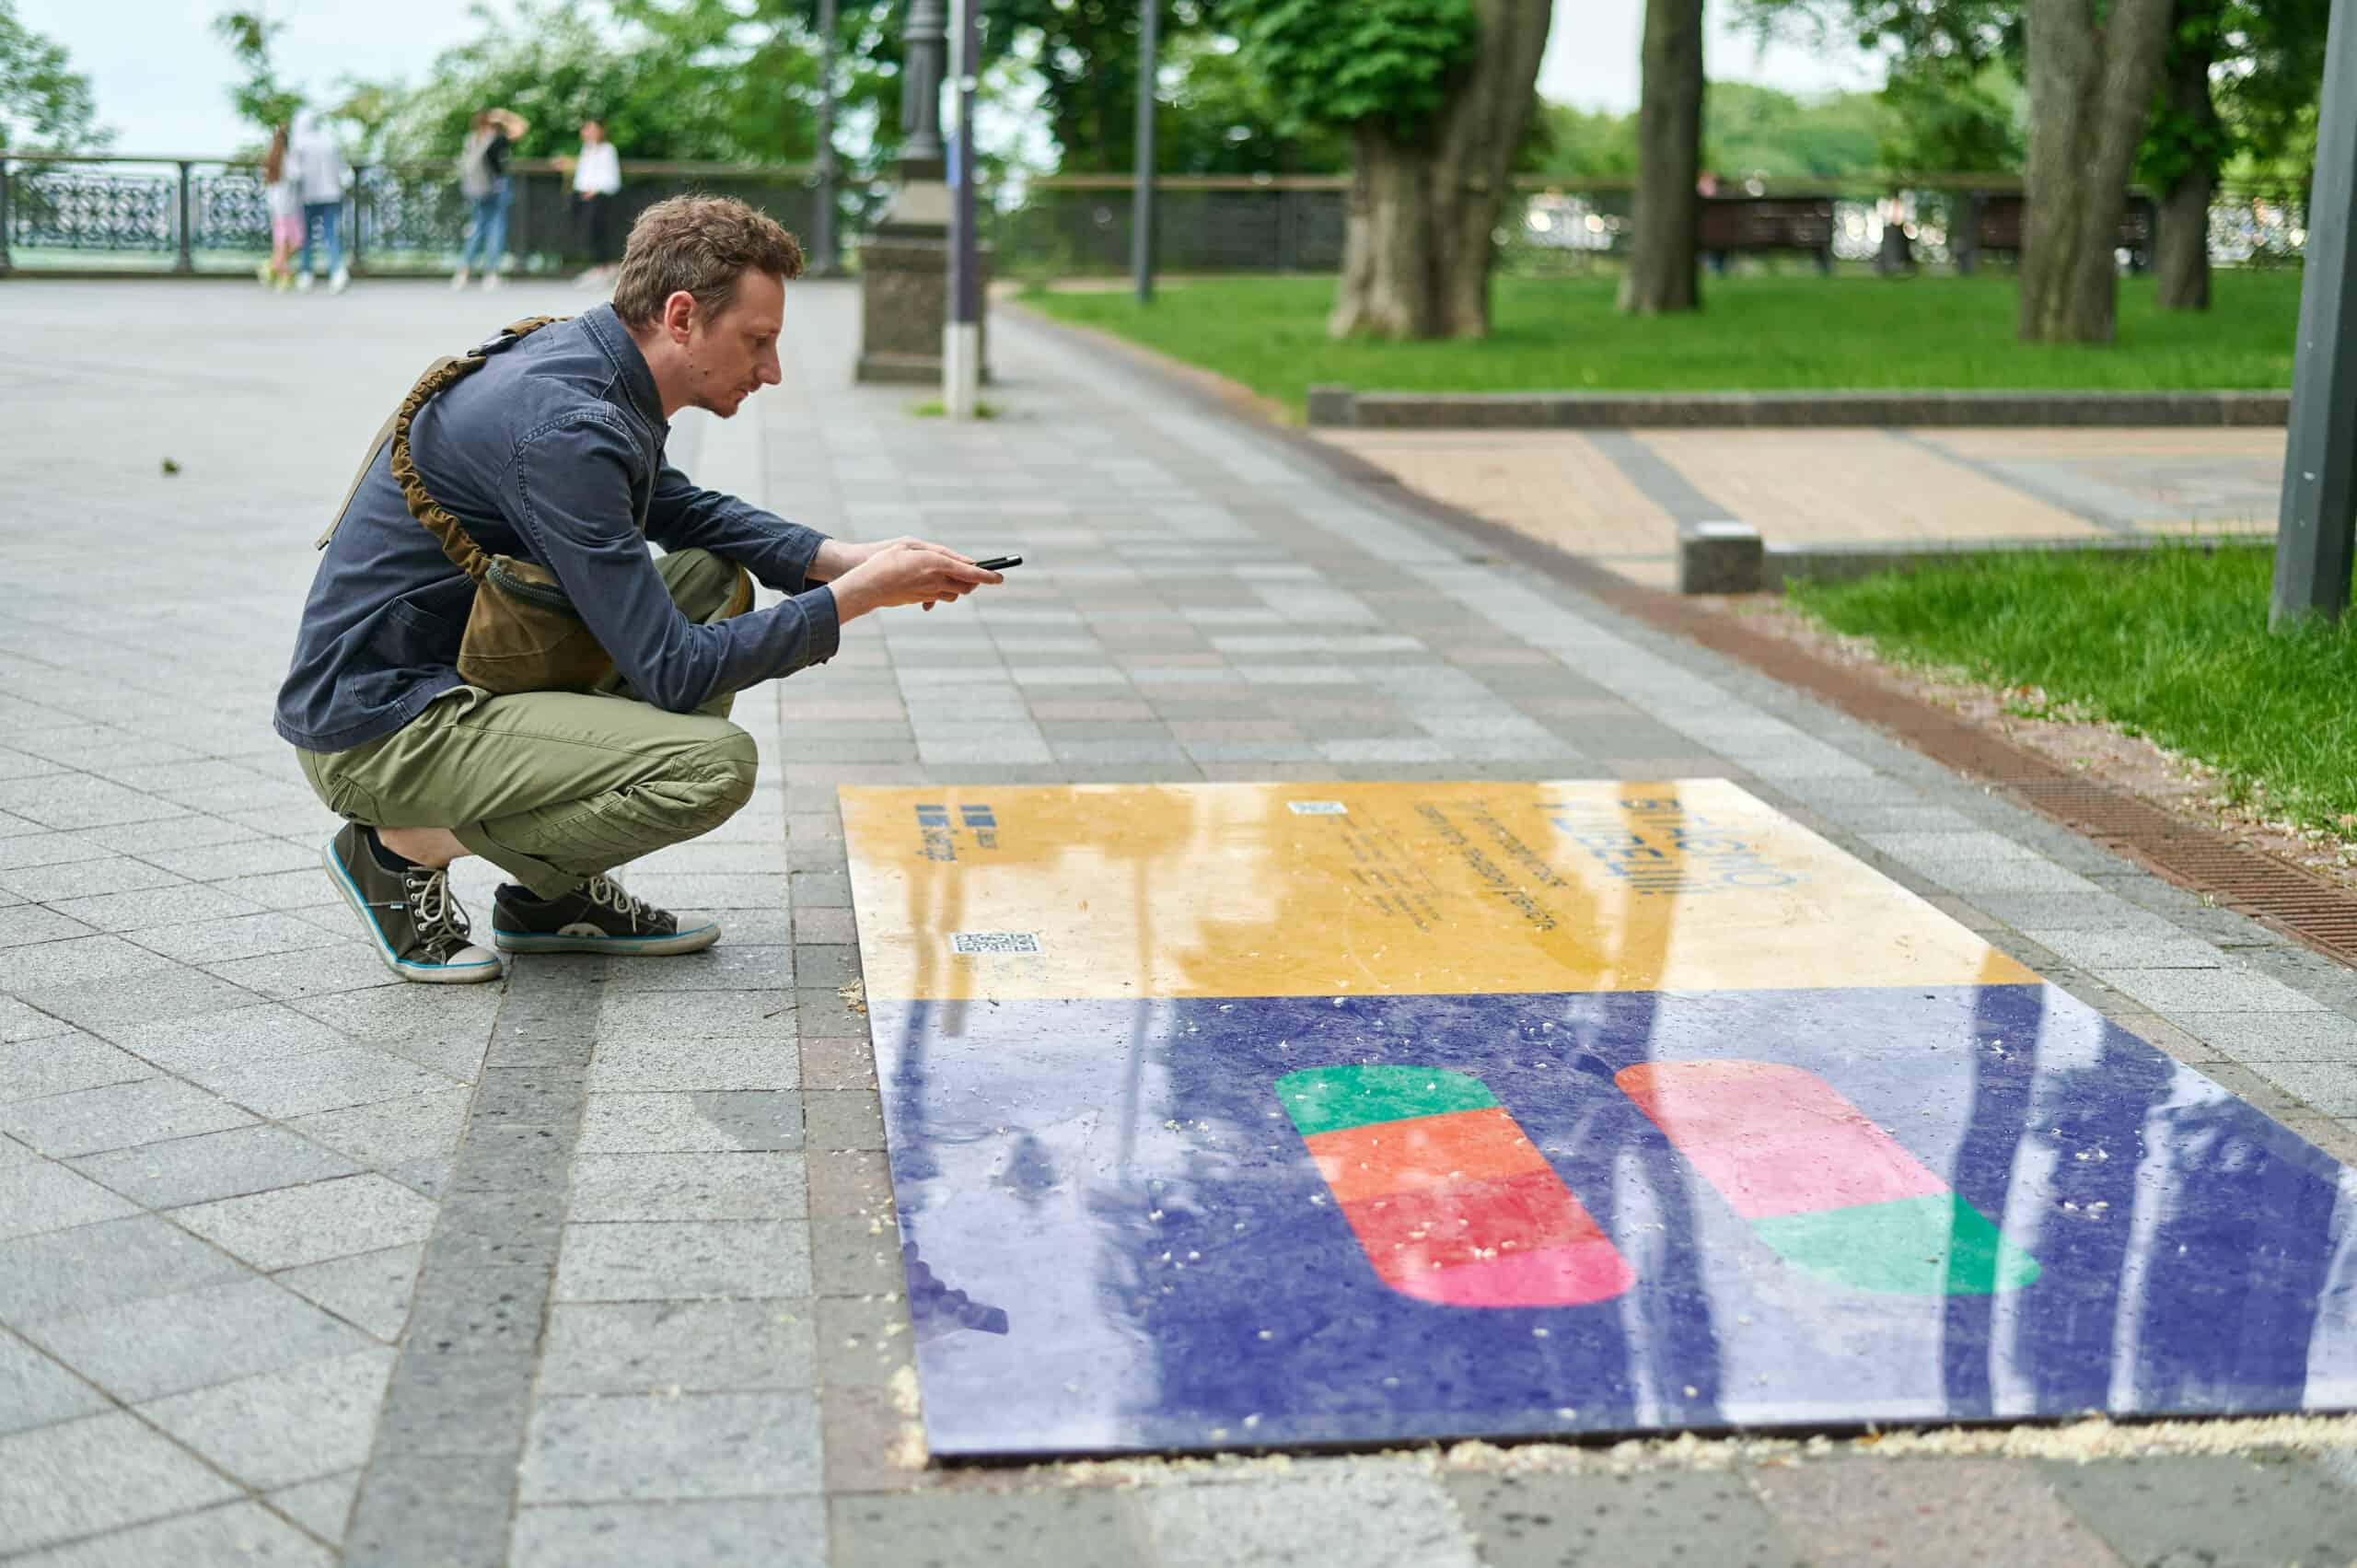 Креативное агентство ANGRY и посольство Швеции запустили пешеходный маршрут с AR-инсталяциями